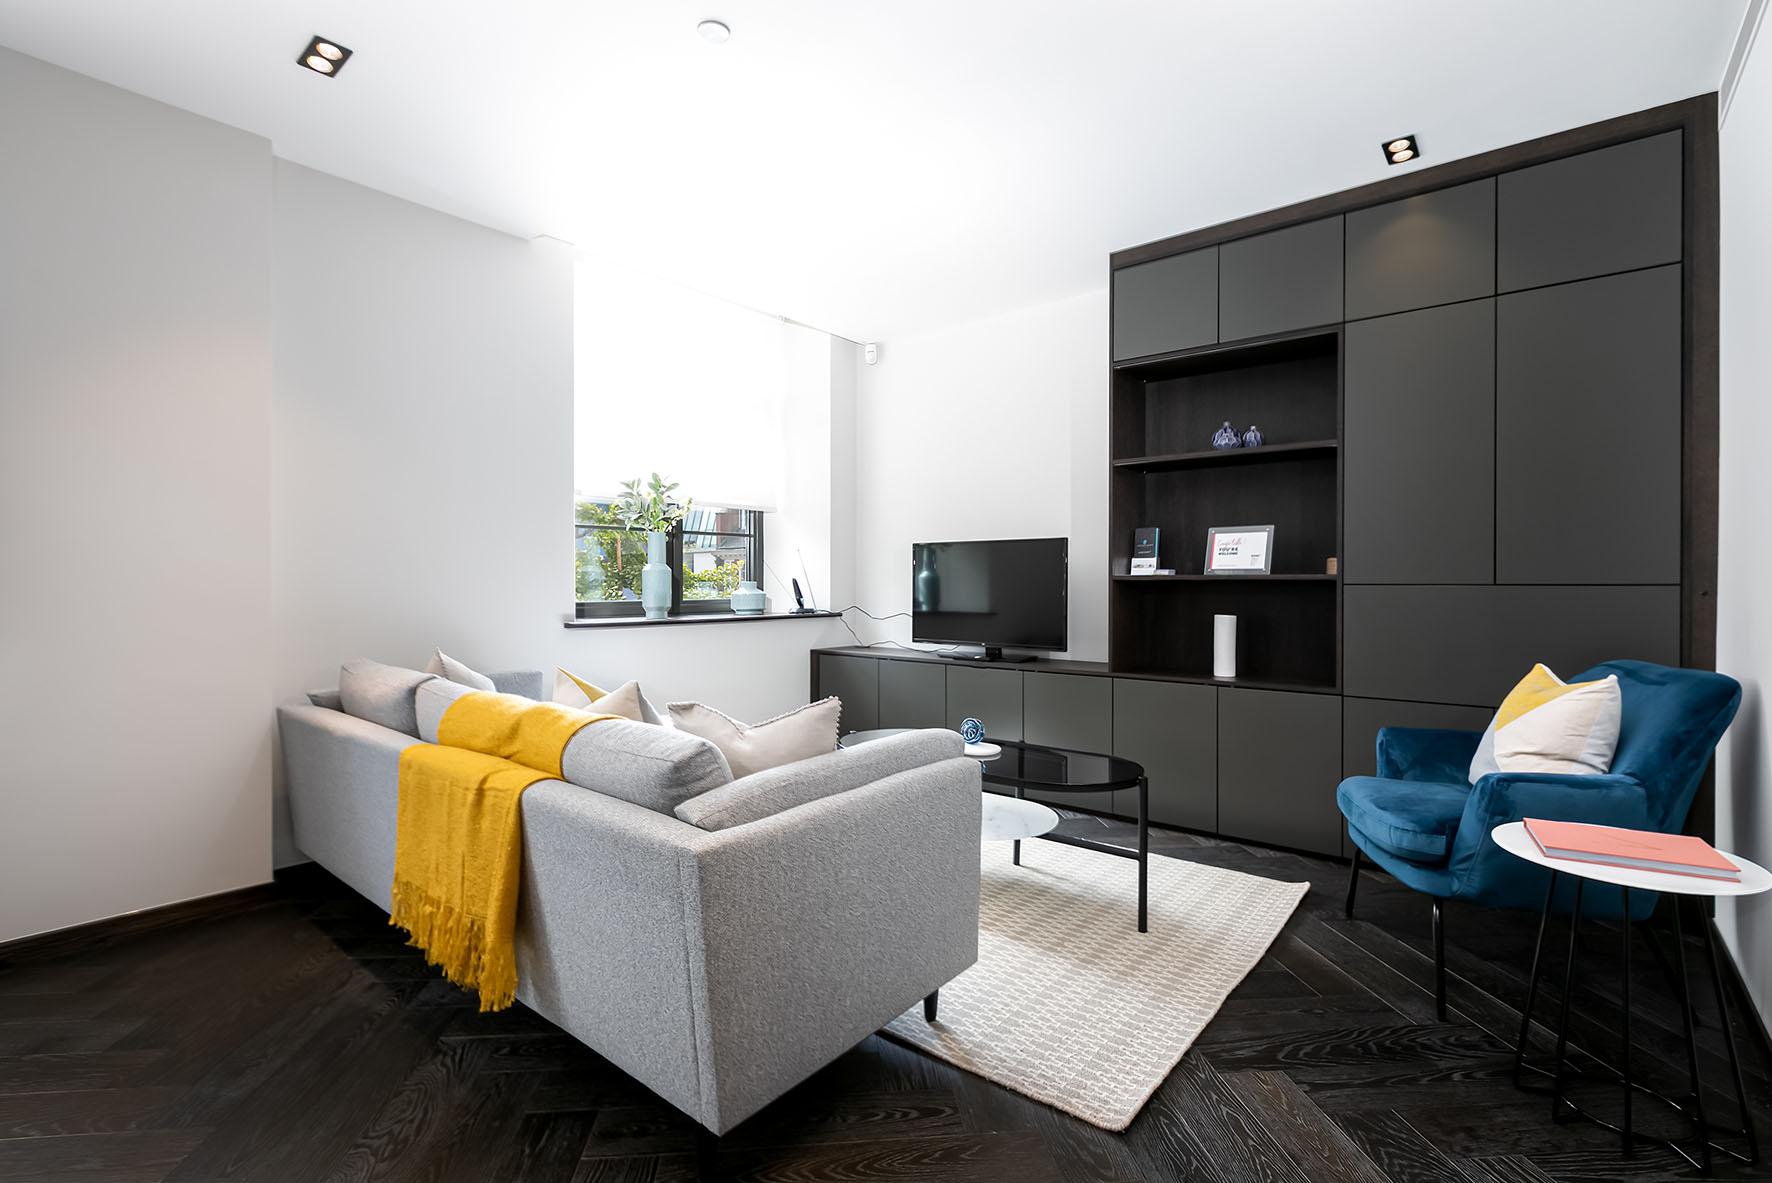 Lovelydays luxury service apartment rental - London - Soho - Oxford Street V - Lovelysuite - 1 bedrooms - 1 bathrooms - Luxury living room - 2800b62aeb90 - Lovelydays